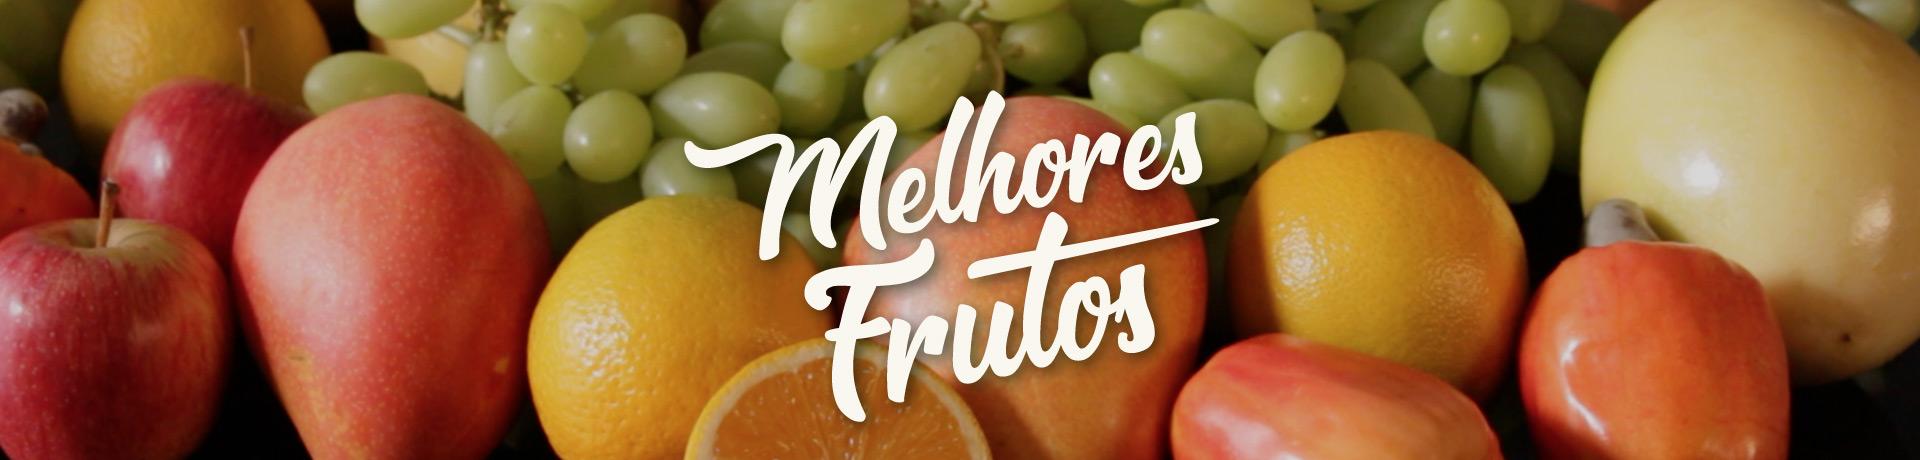 Melhores frutos